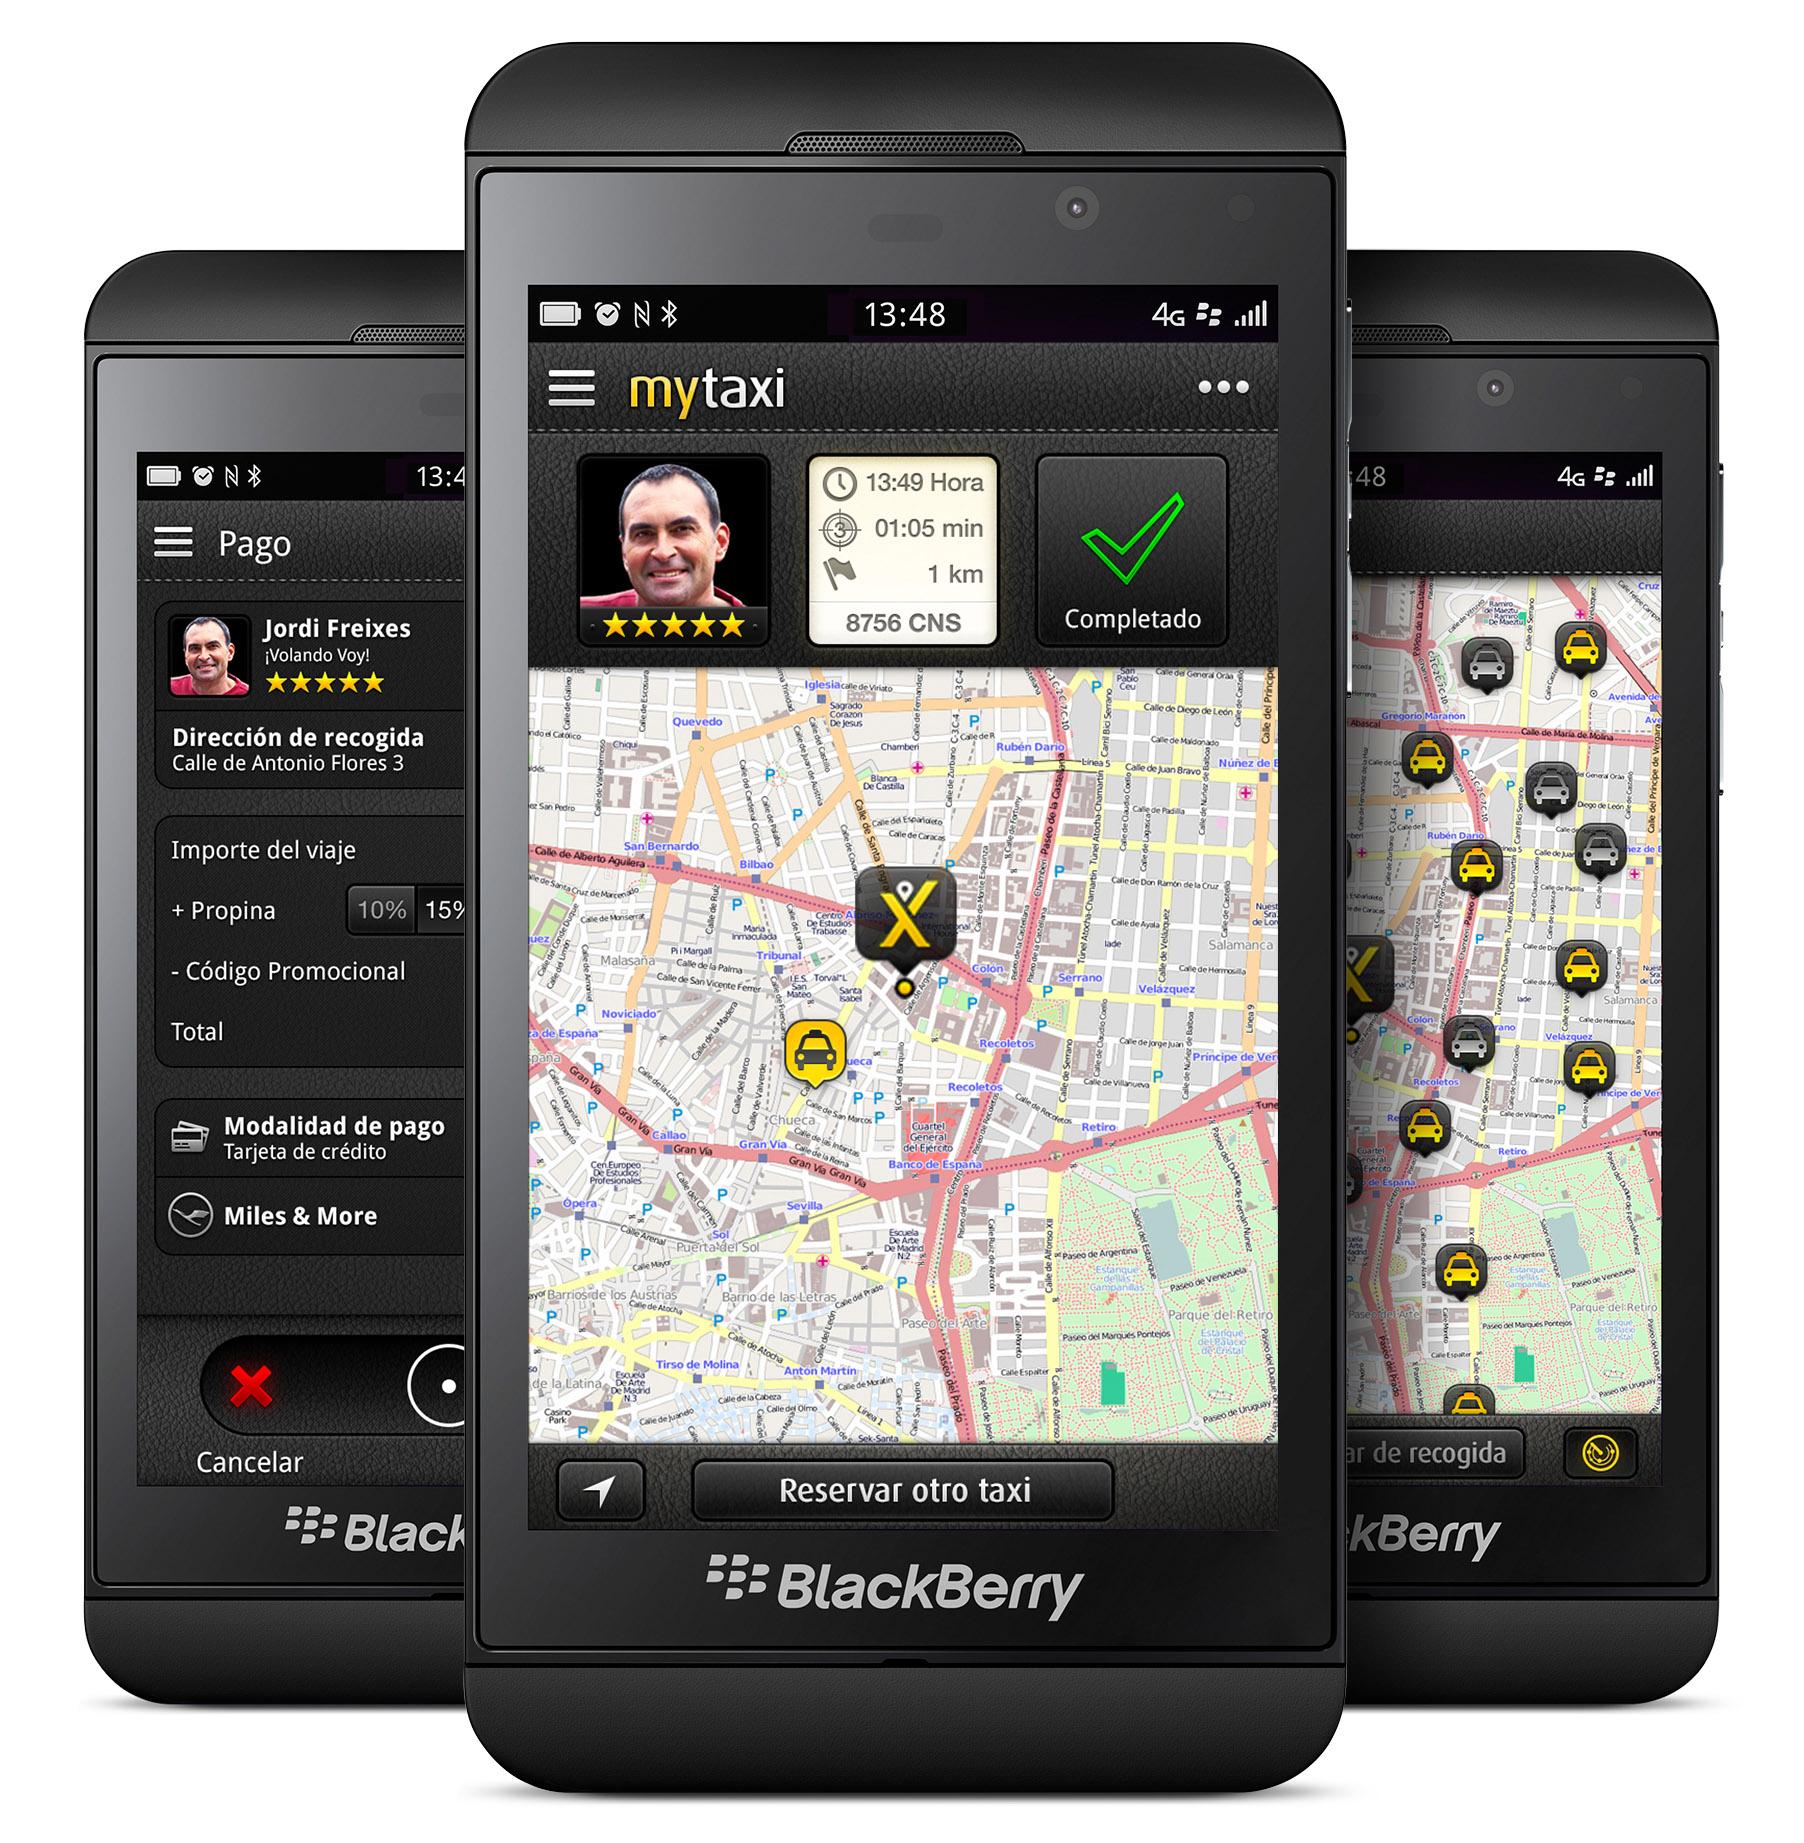 mytaxi blackberry lanzamiento